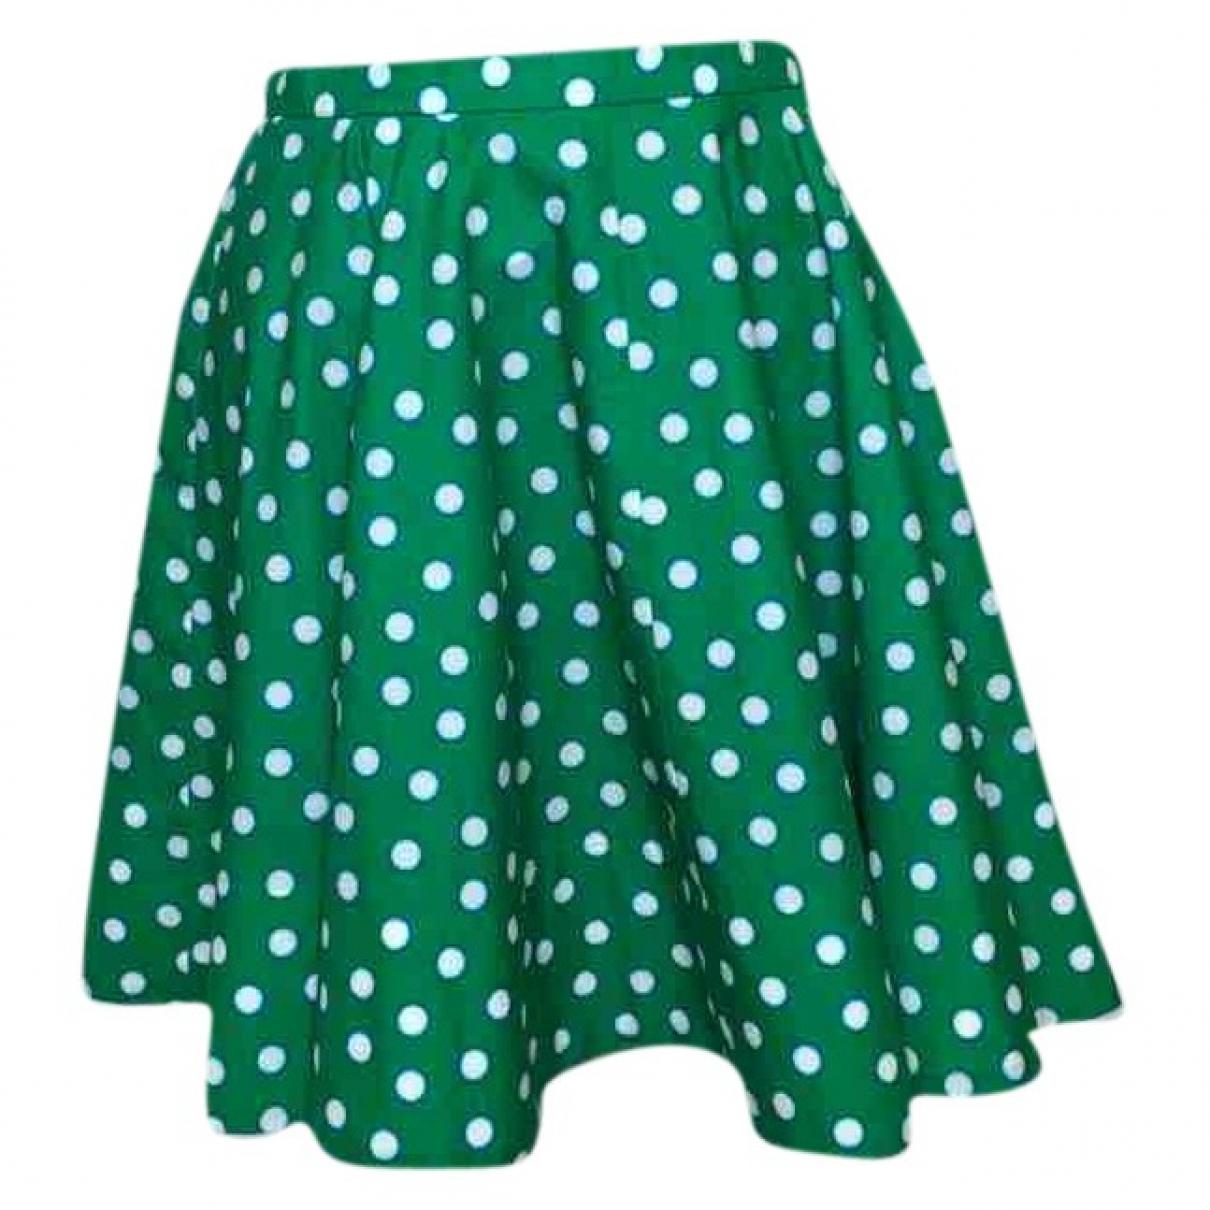 Miu Miu \N Green Cotton skirt for Women 40 IT